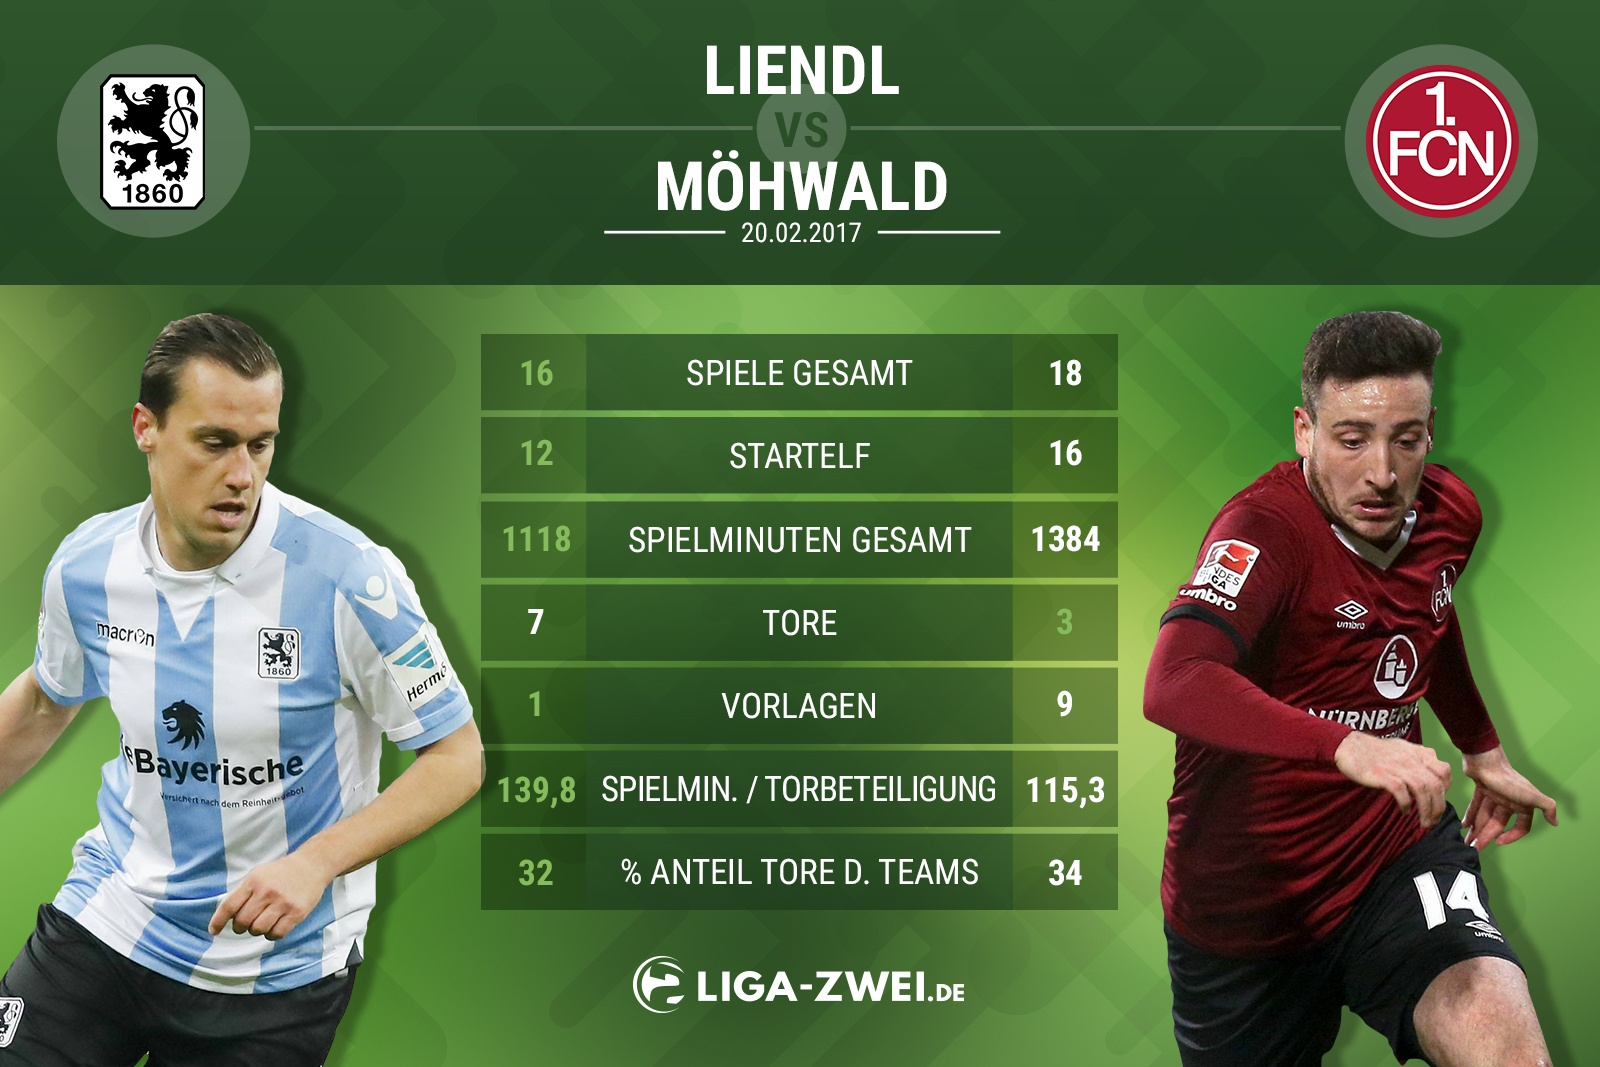 Spieler-Vergleich zwischen Liendl & Möhwald